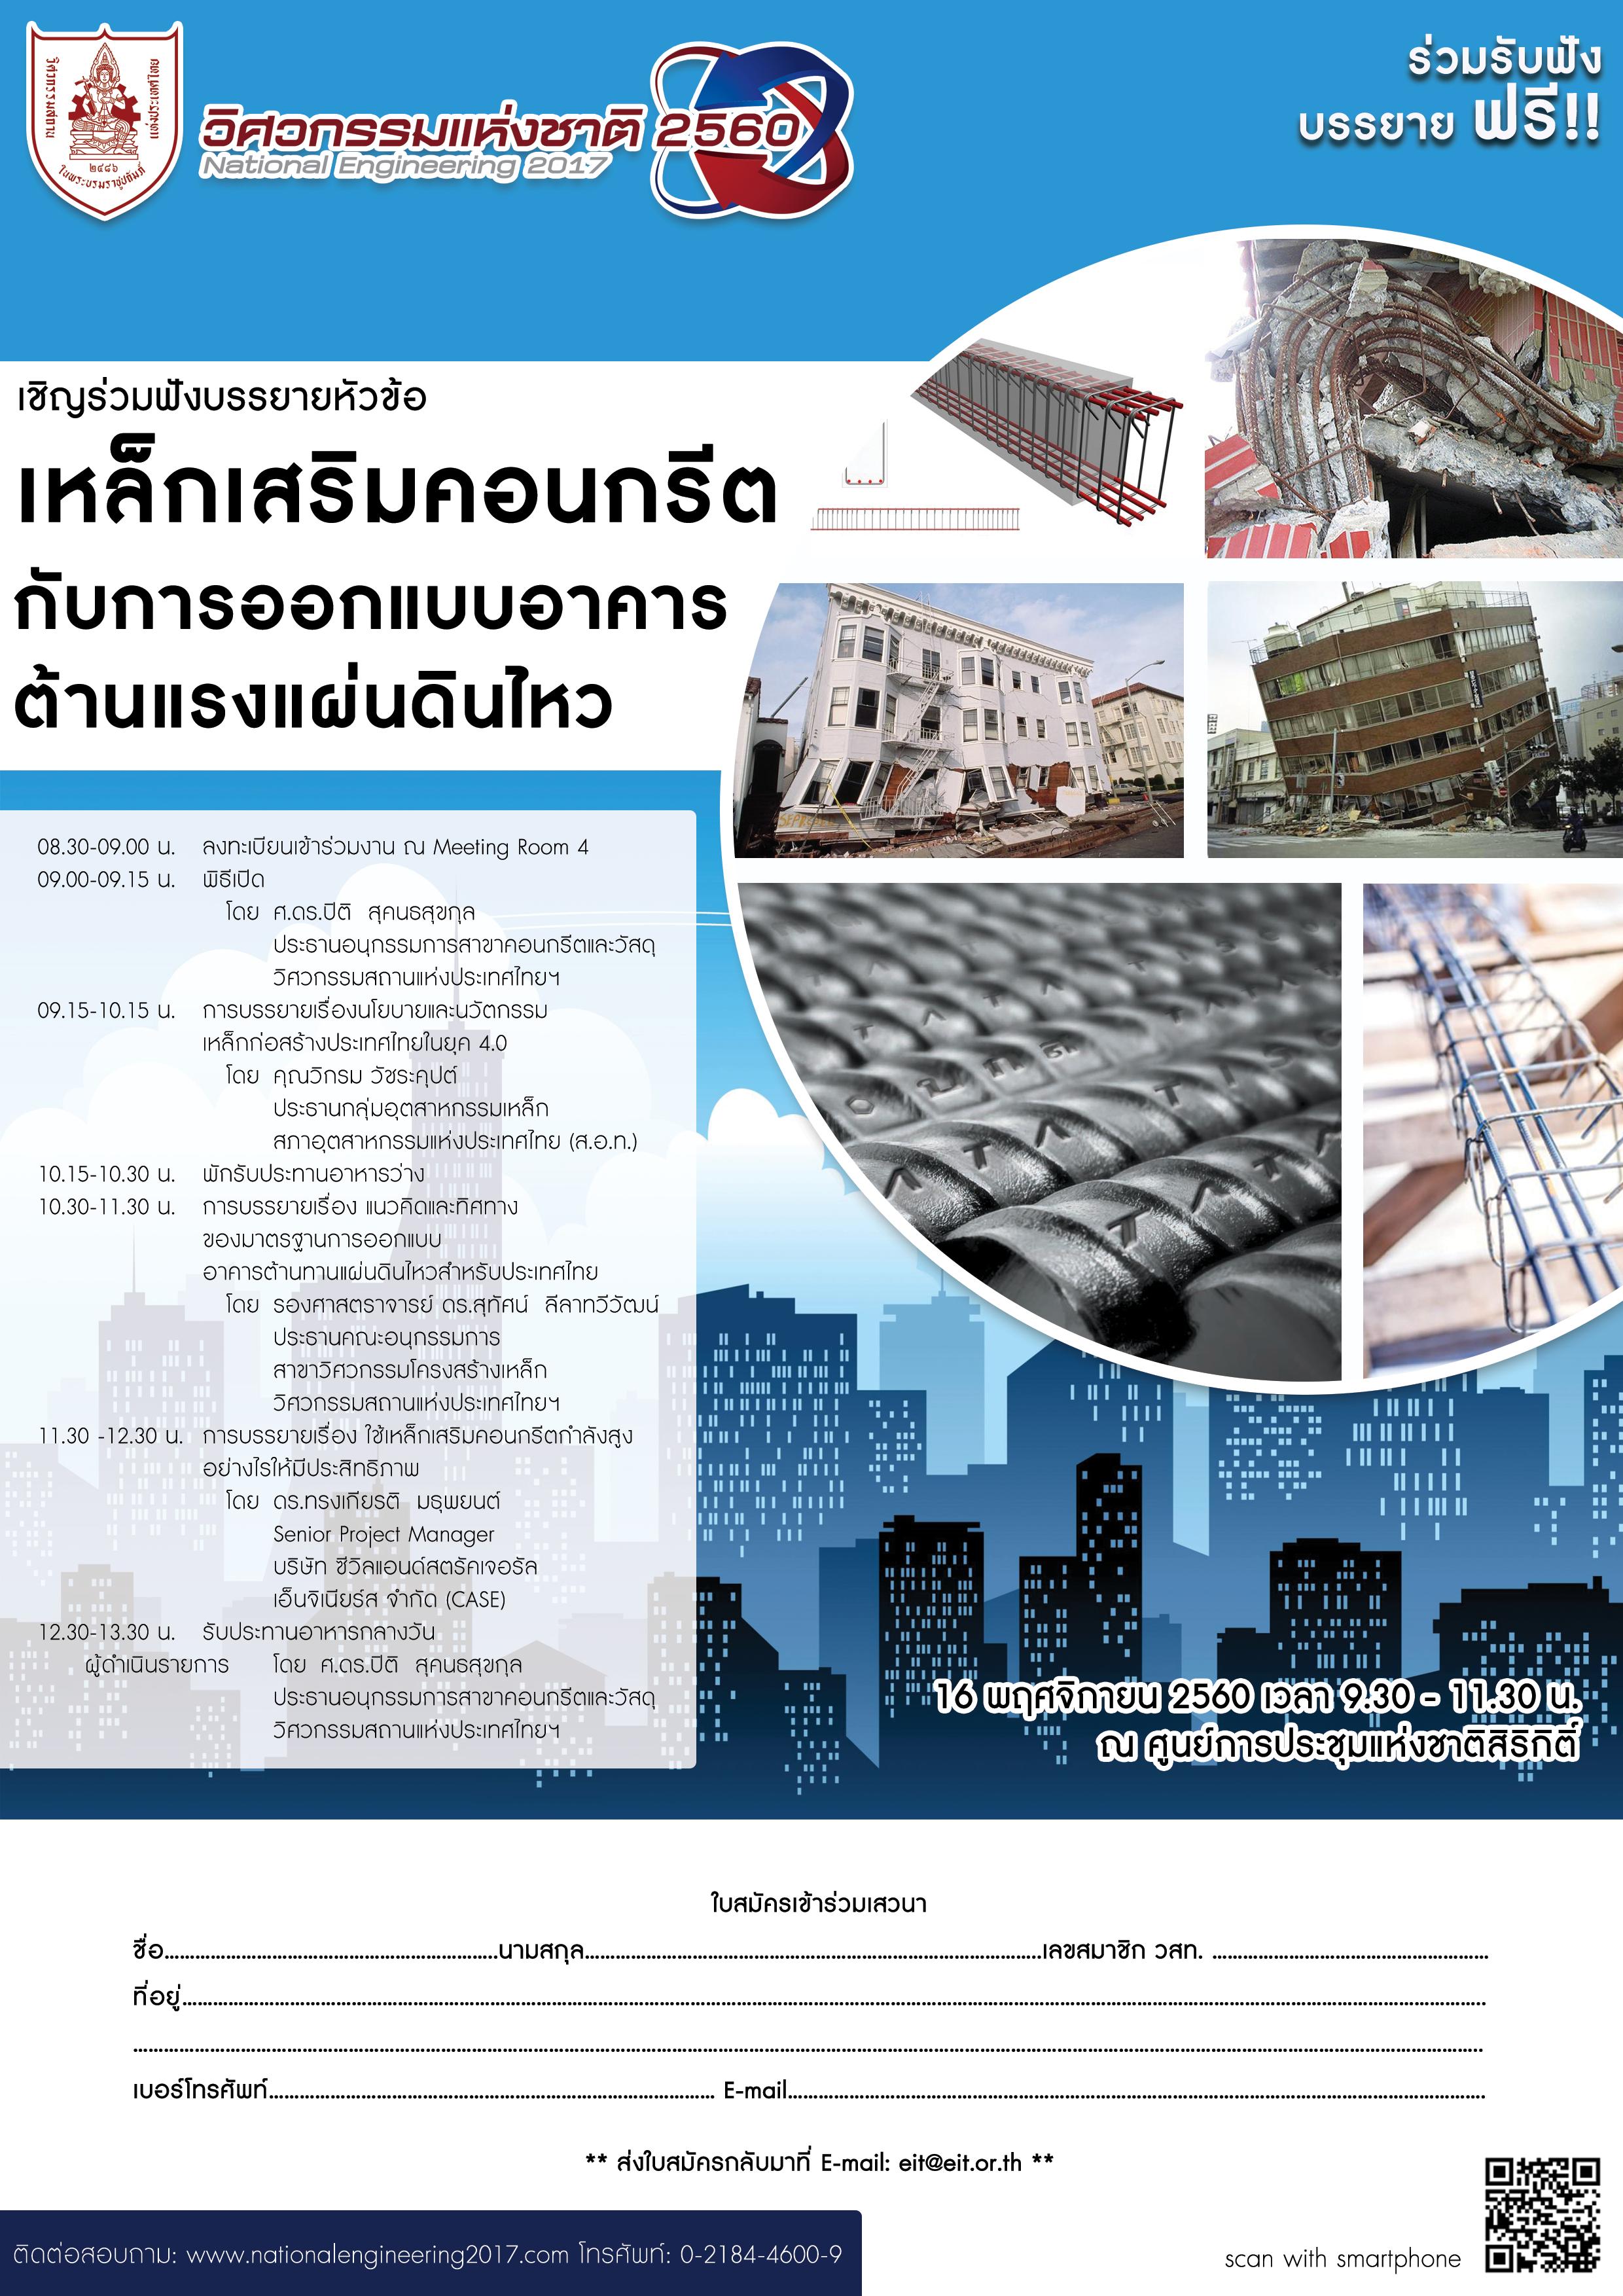 16/11/2560 [วิศวกรรมแห่งชาติ 2560]การบรรยายหัวข้อ : เหล็กเสริมคอนกรีตกับการออกแบบอาคารต้านแรงแผ่นดินไหว